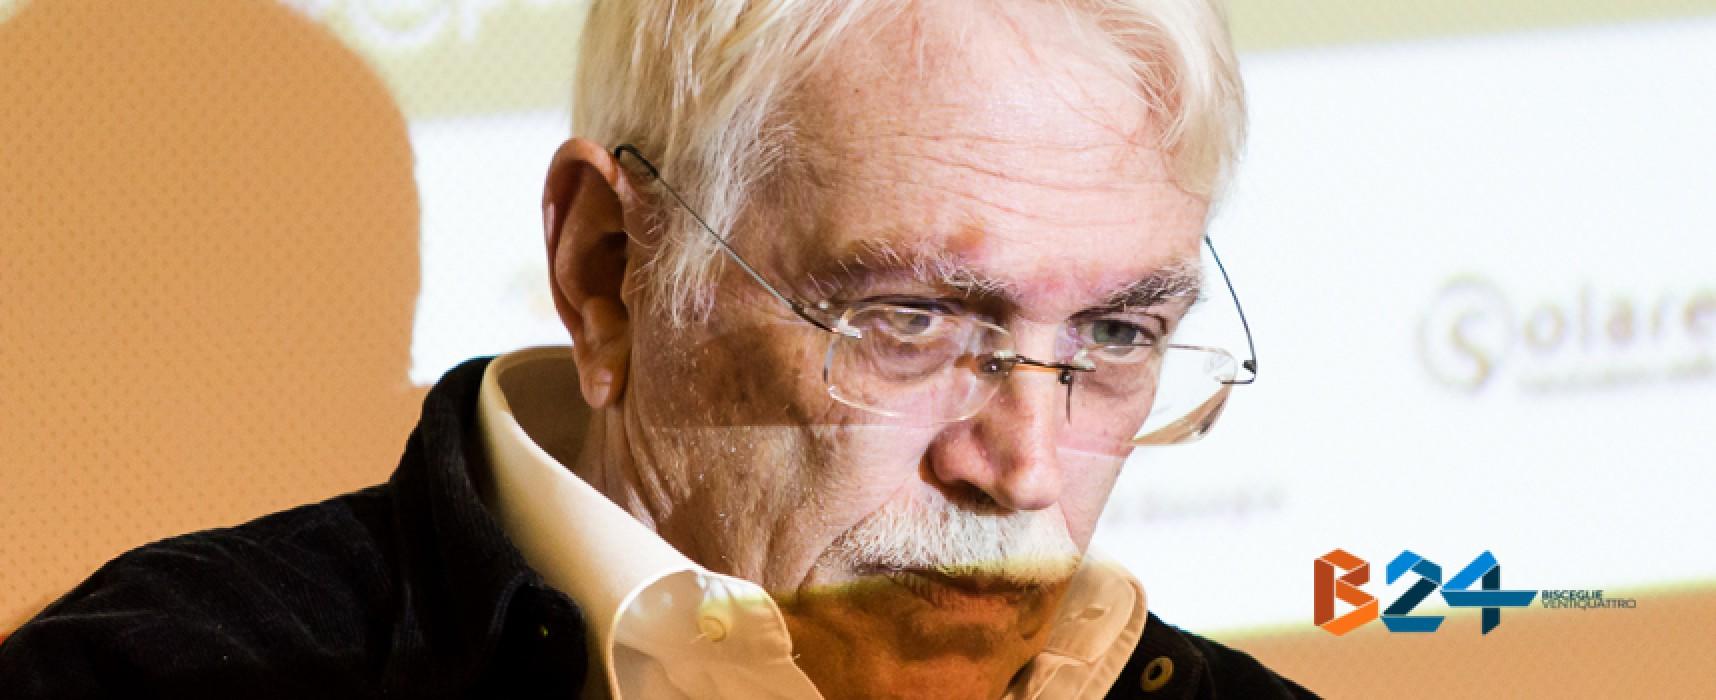 Bisceglie dice addio a Francesco Logoluso, storico art director della Rca